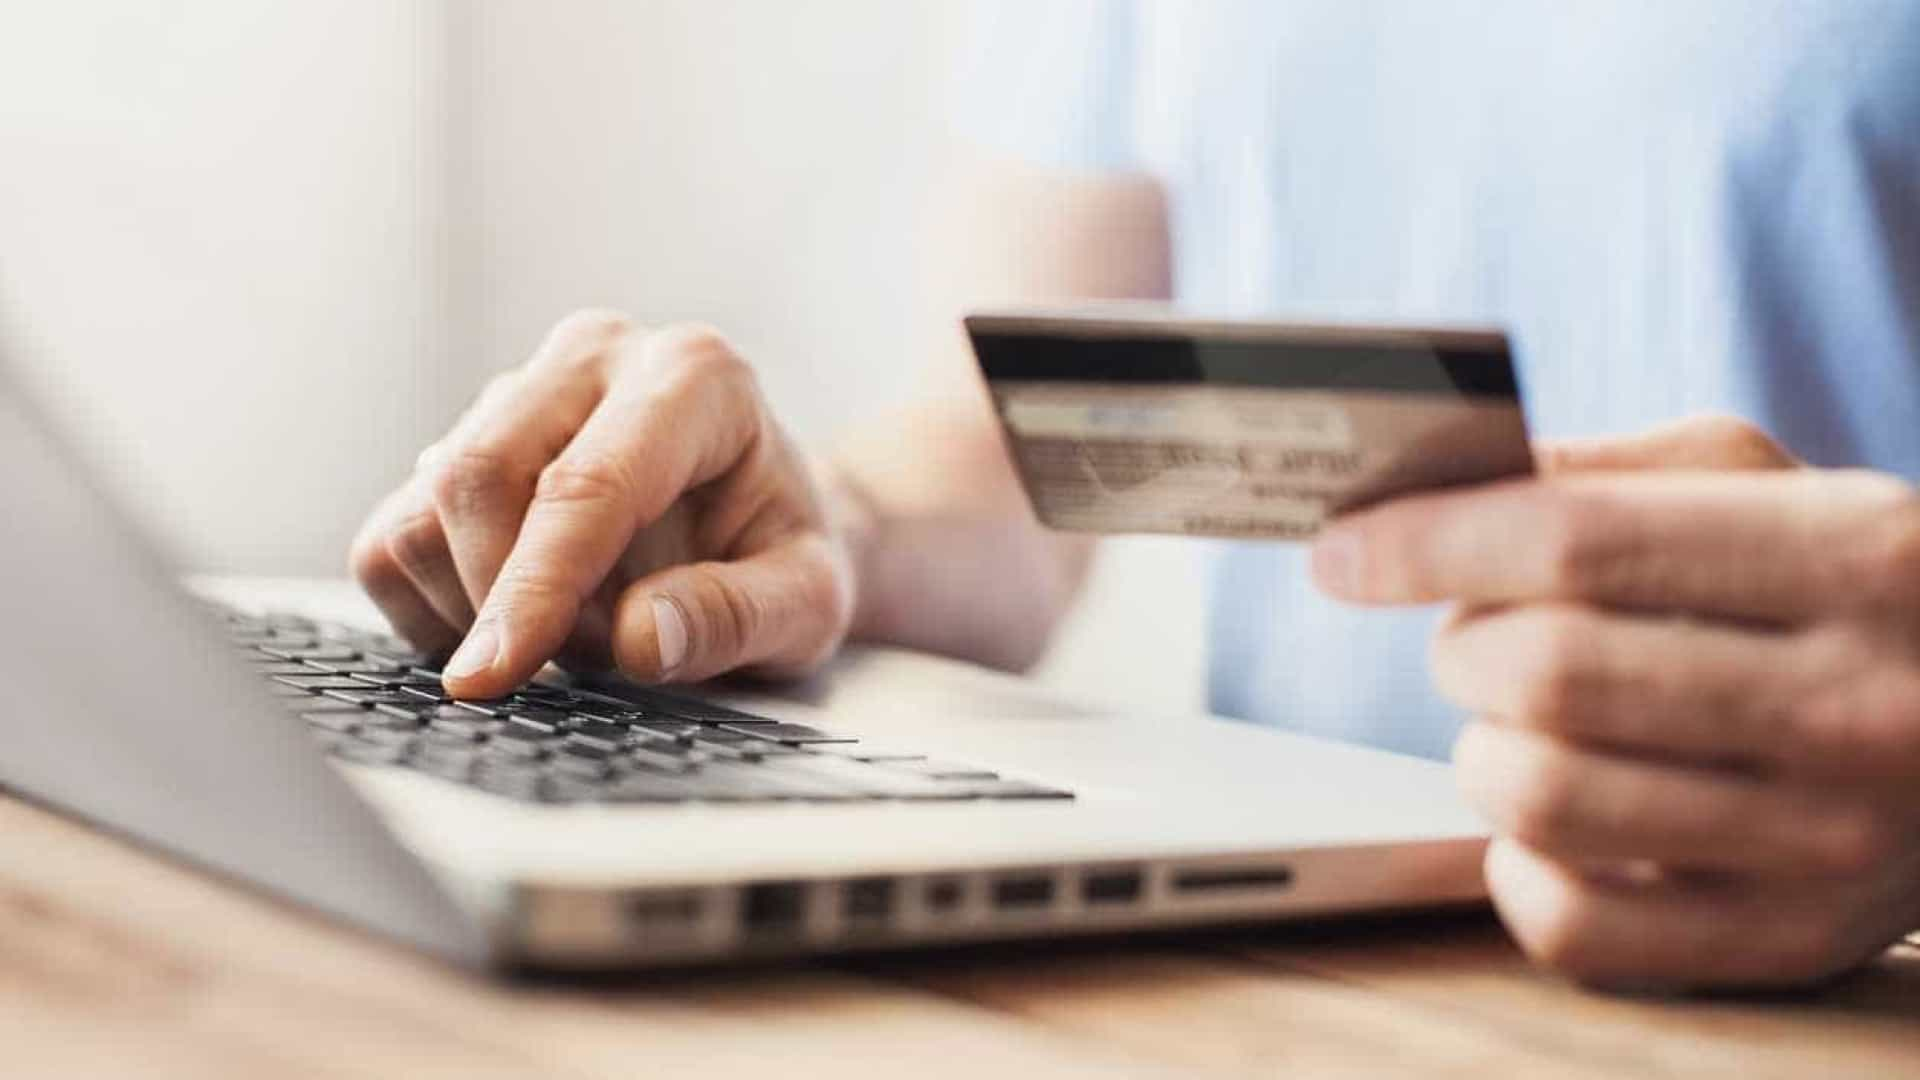 Contas de serviços mínimos bancários cresceram 13% no primeiro semestre